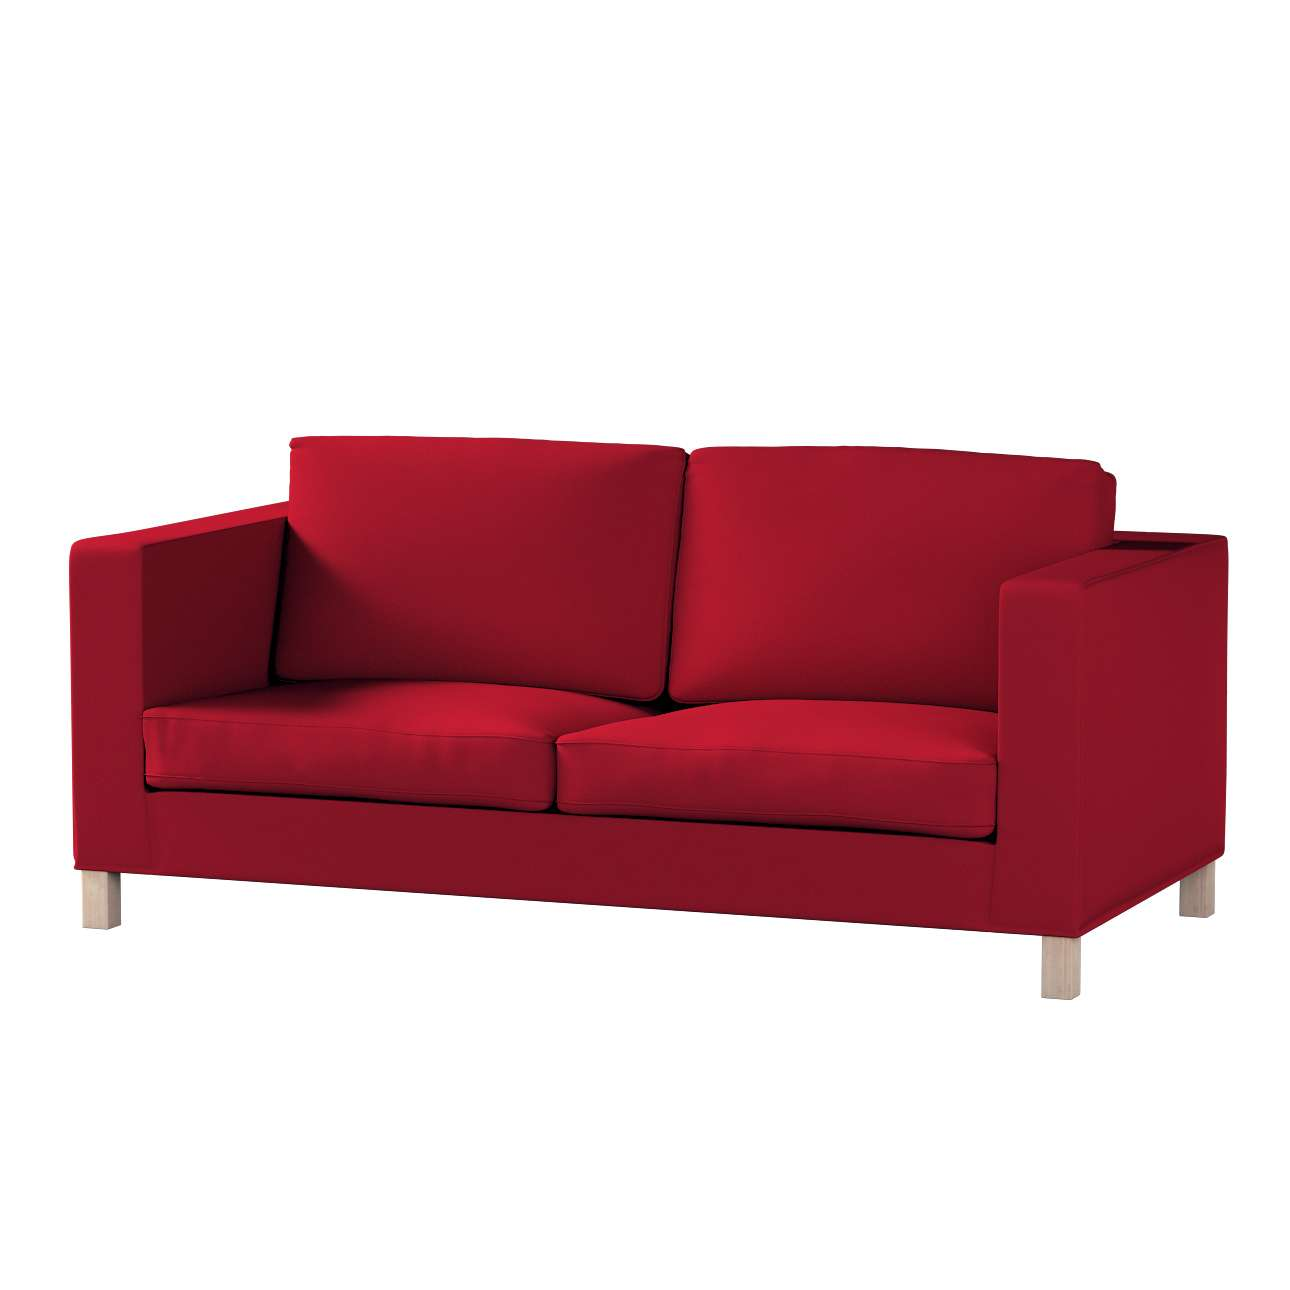 KARLANDA sofos lovos užvalkalas KARLANDA sofos lovos užvalkalas kolekcijoje Etna , audinys: 705-60